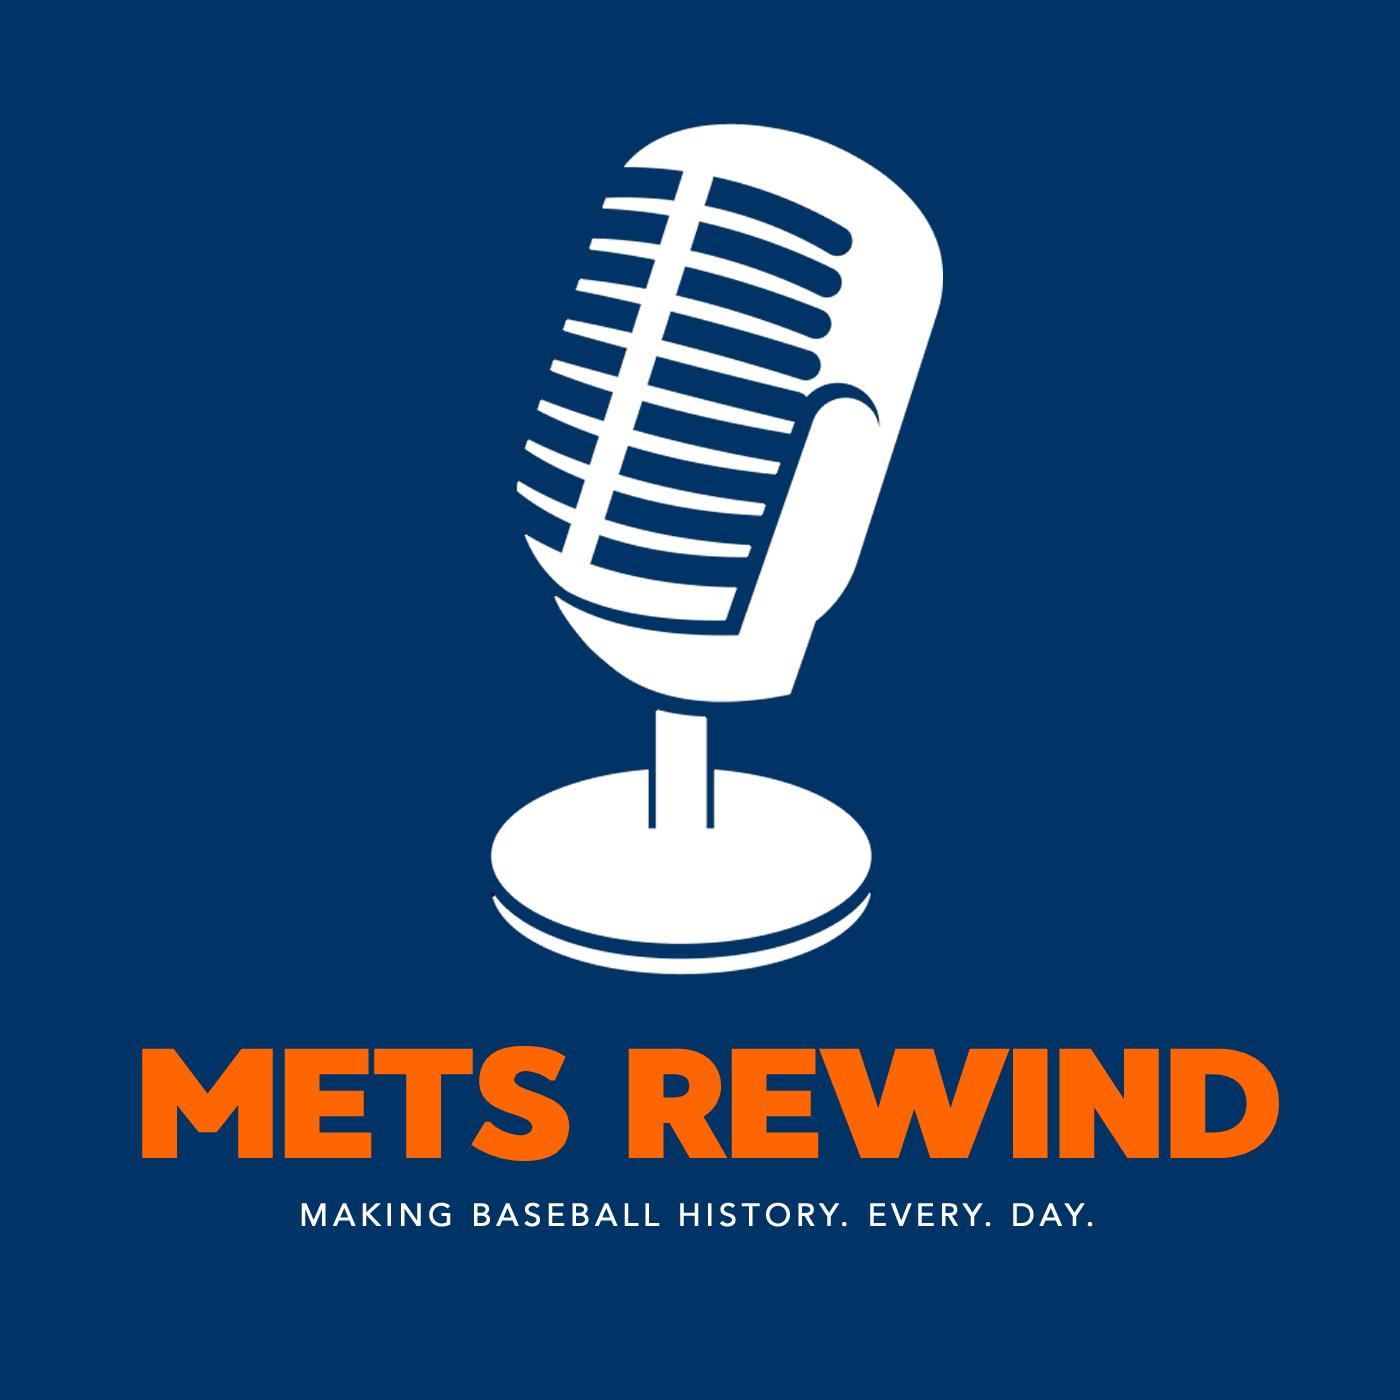 Mets Rewind